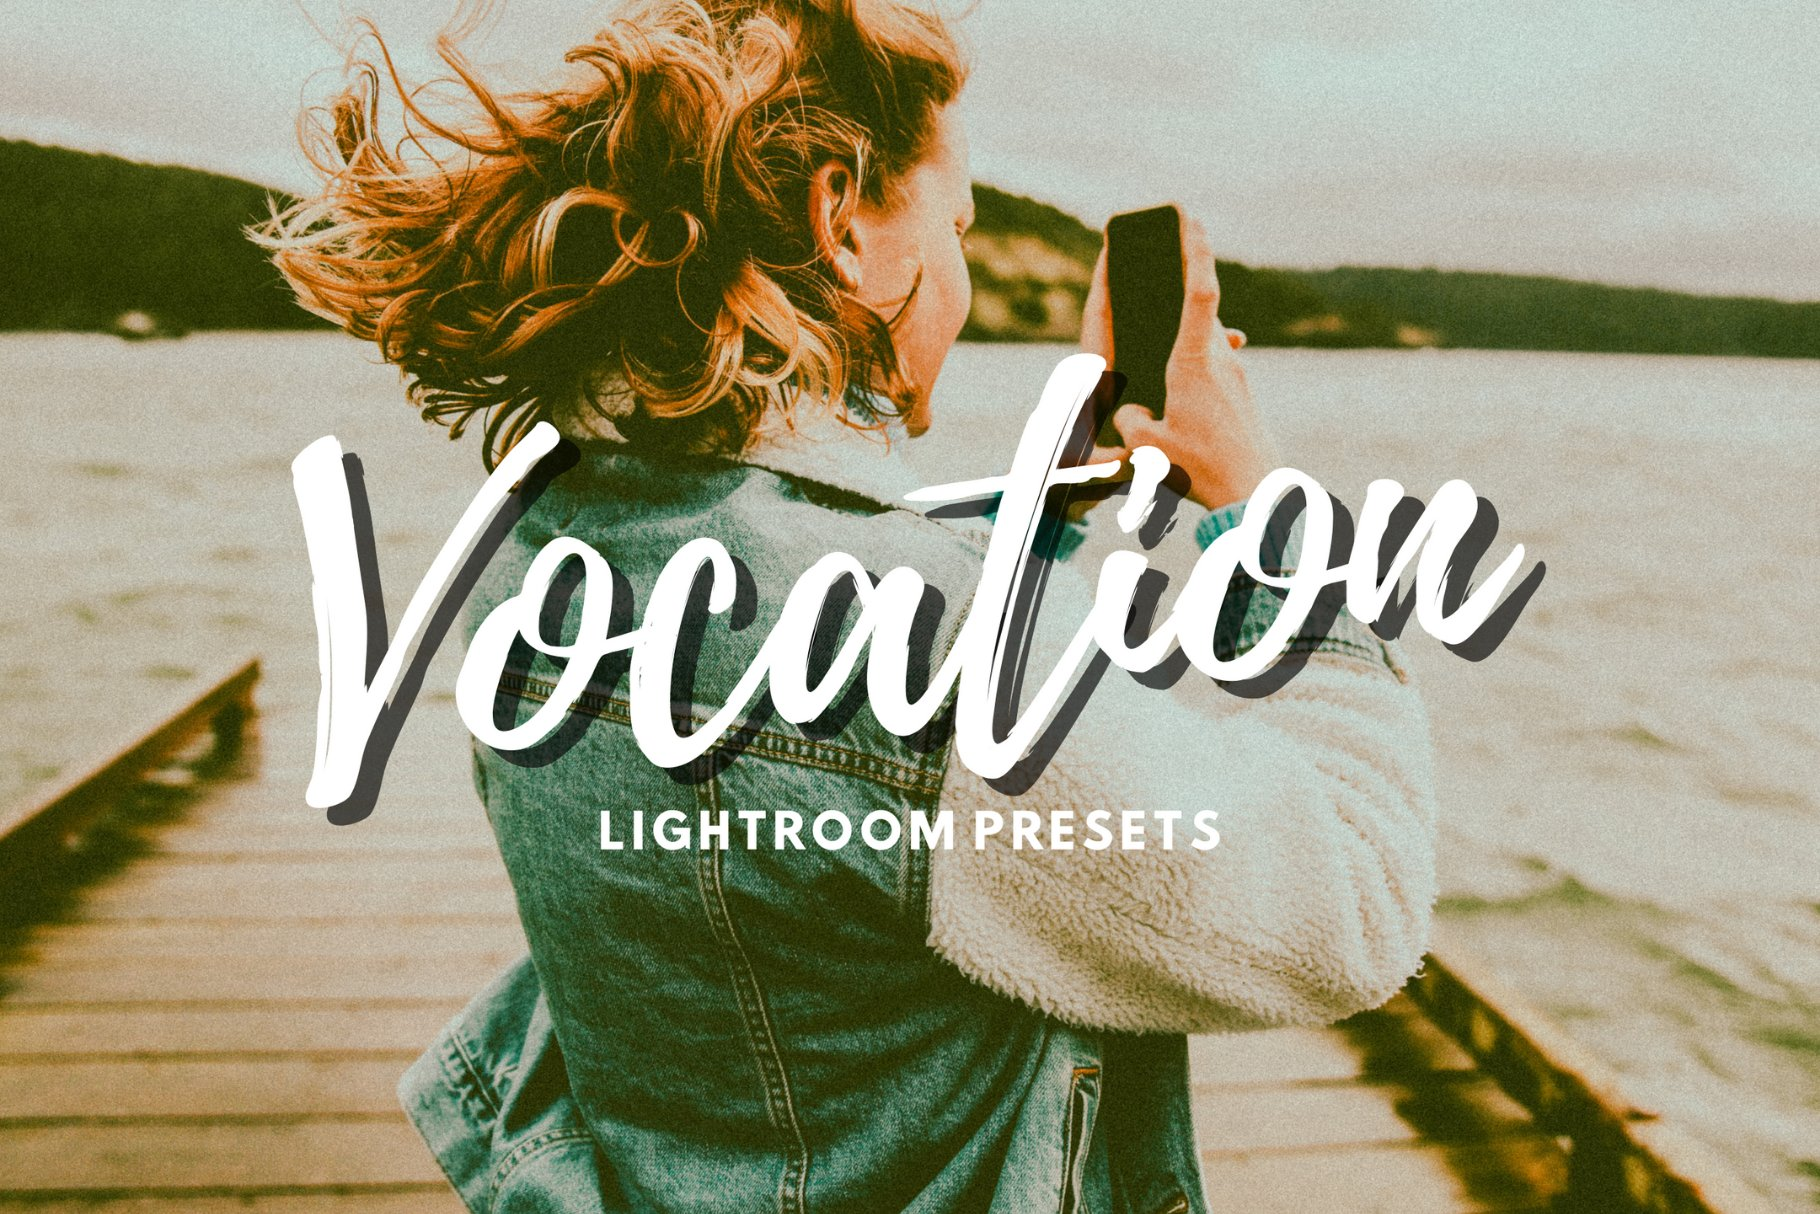 Vocation Lightroom Presets 6391460